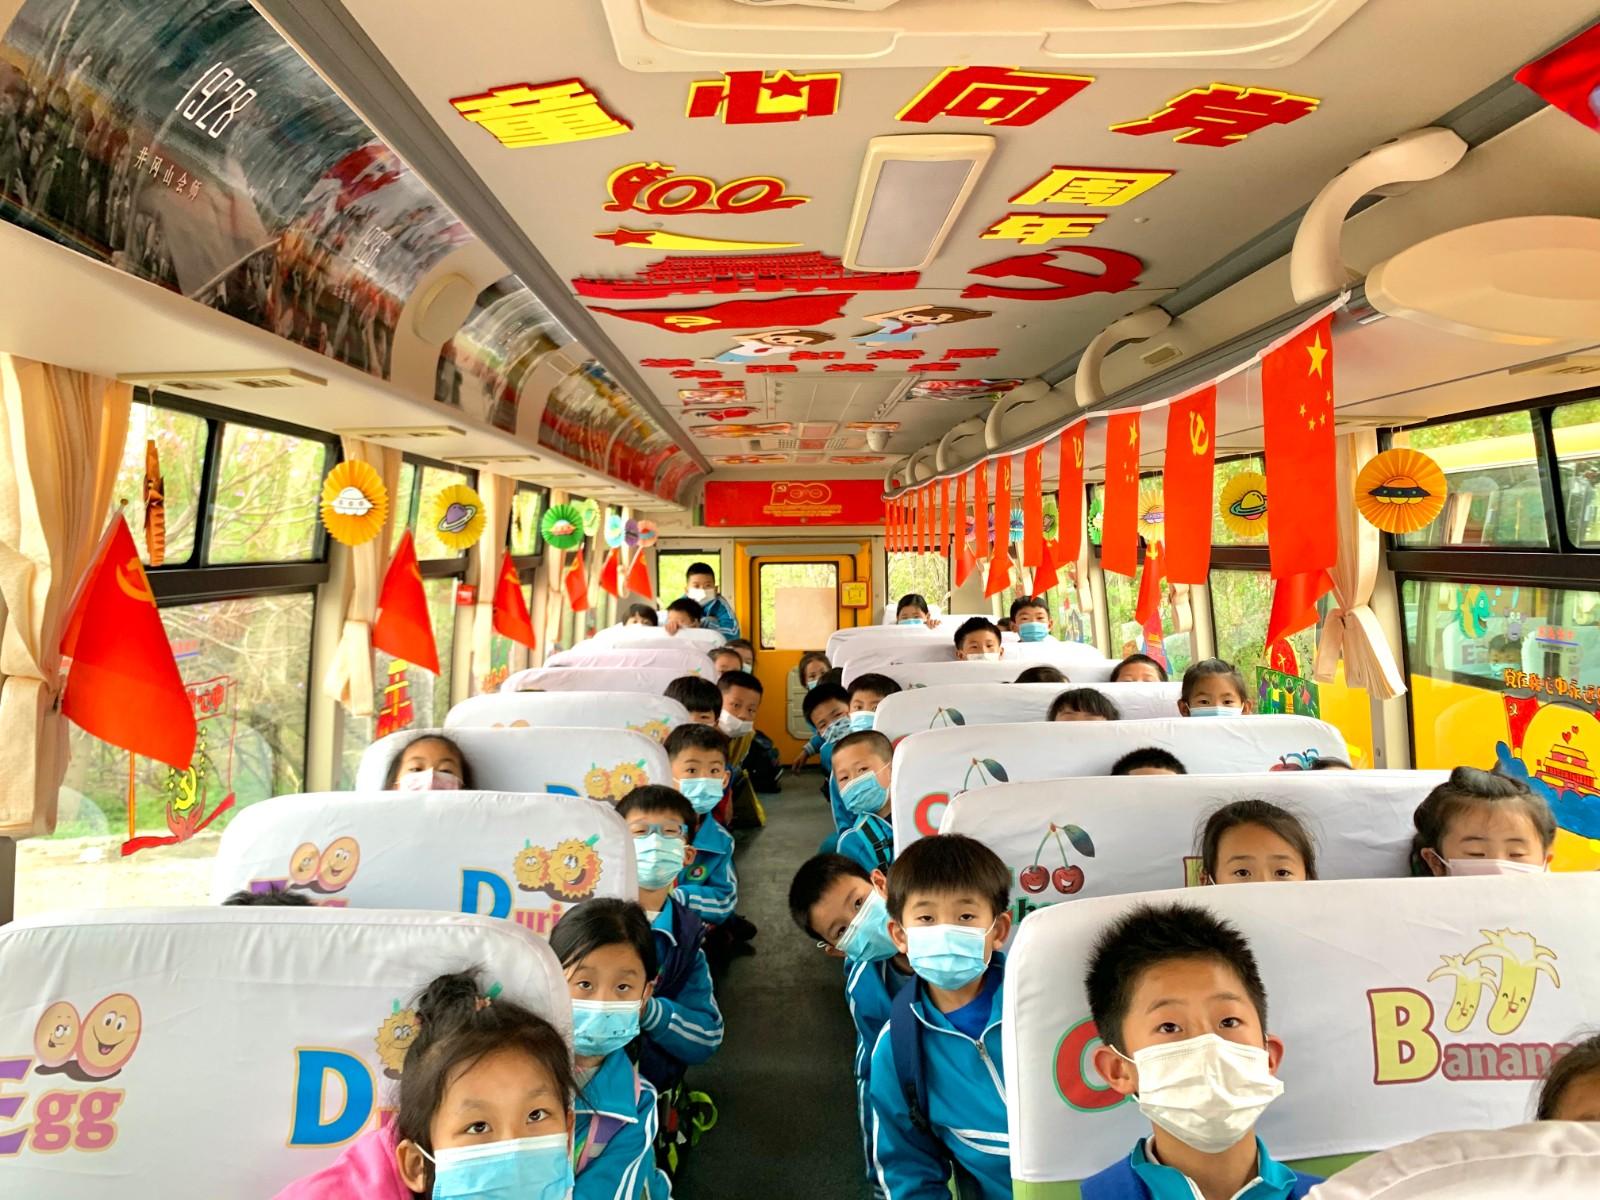 三里河小学同学们在观看车载电视上的红色故事